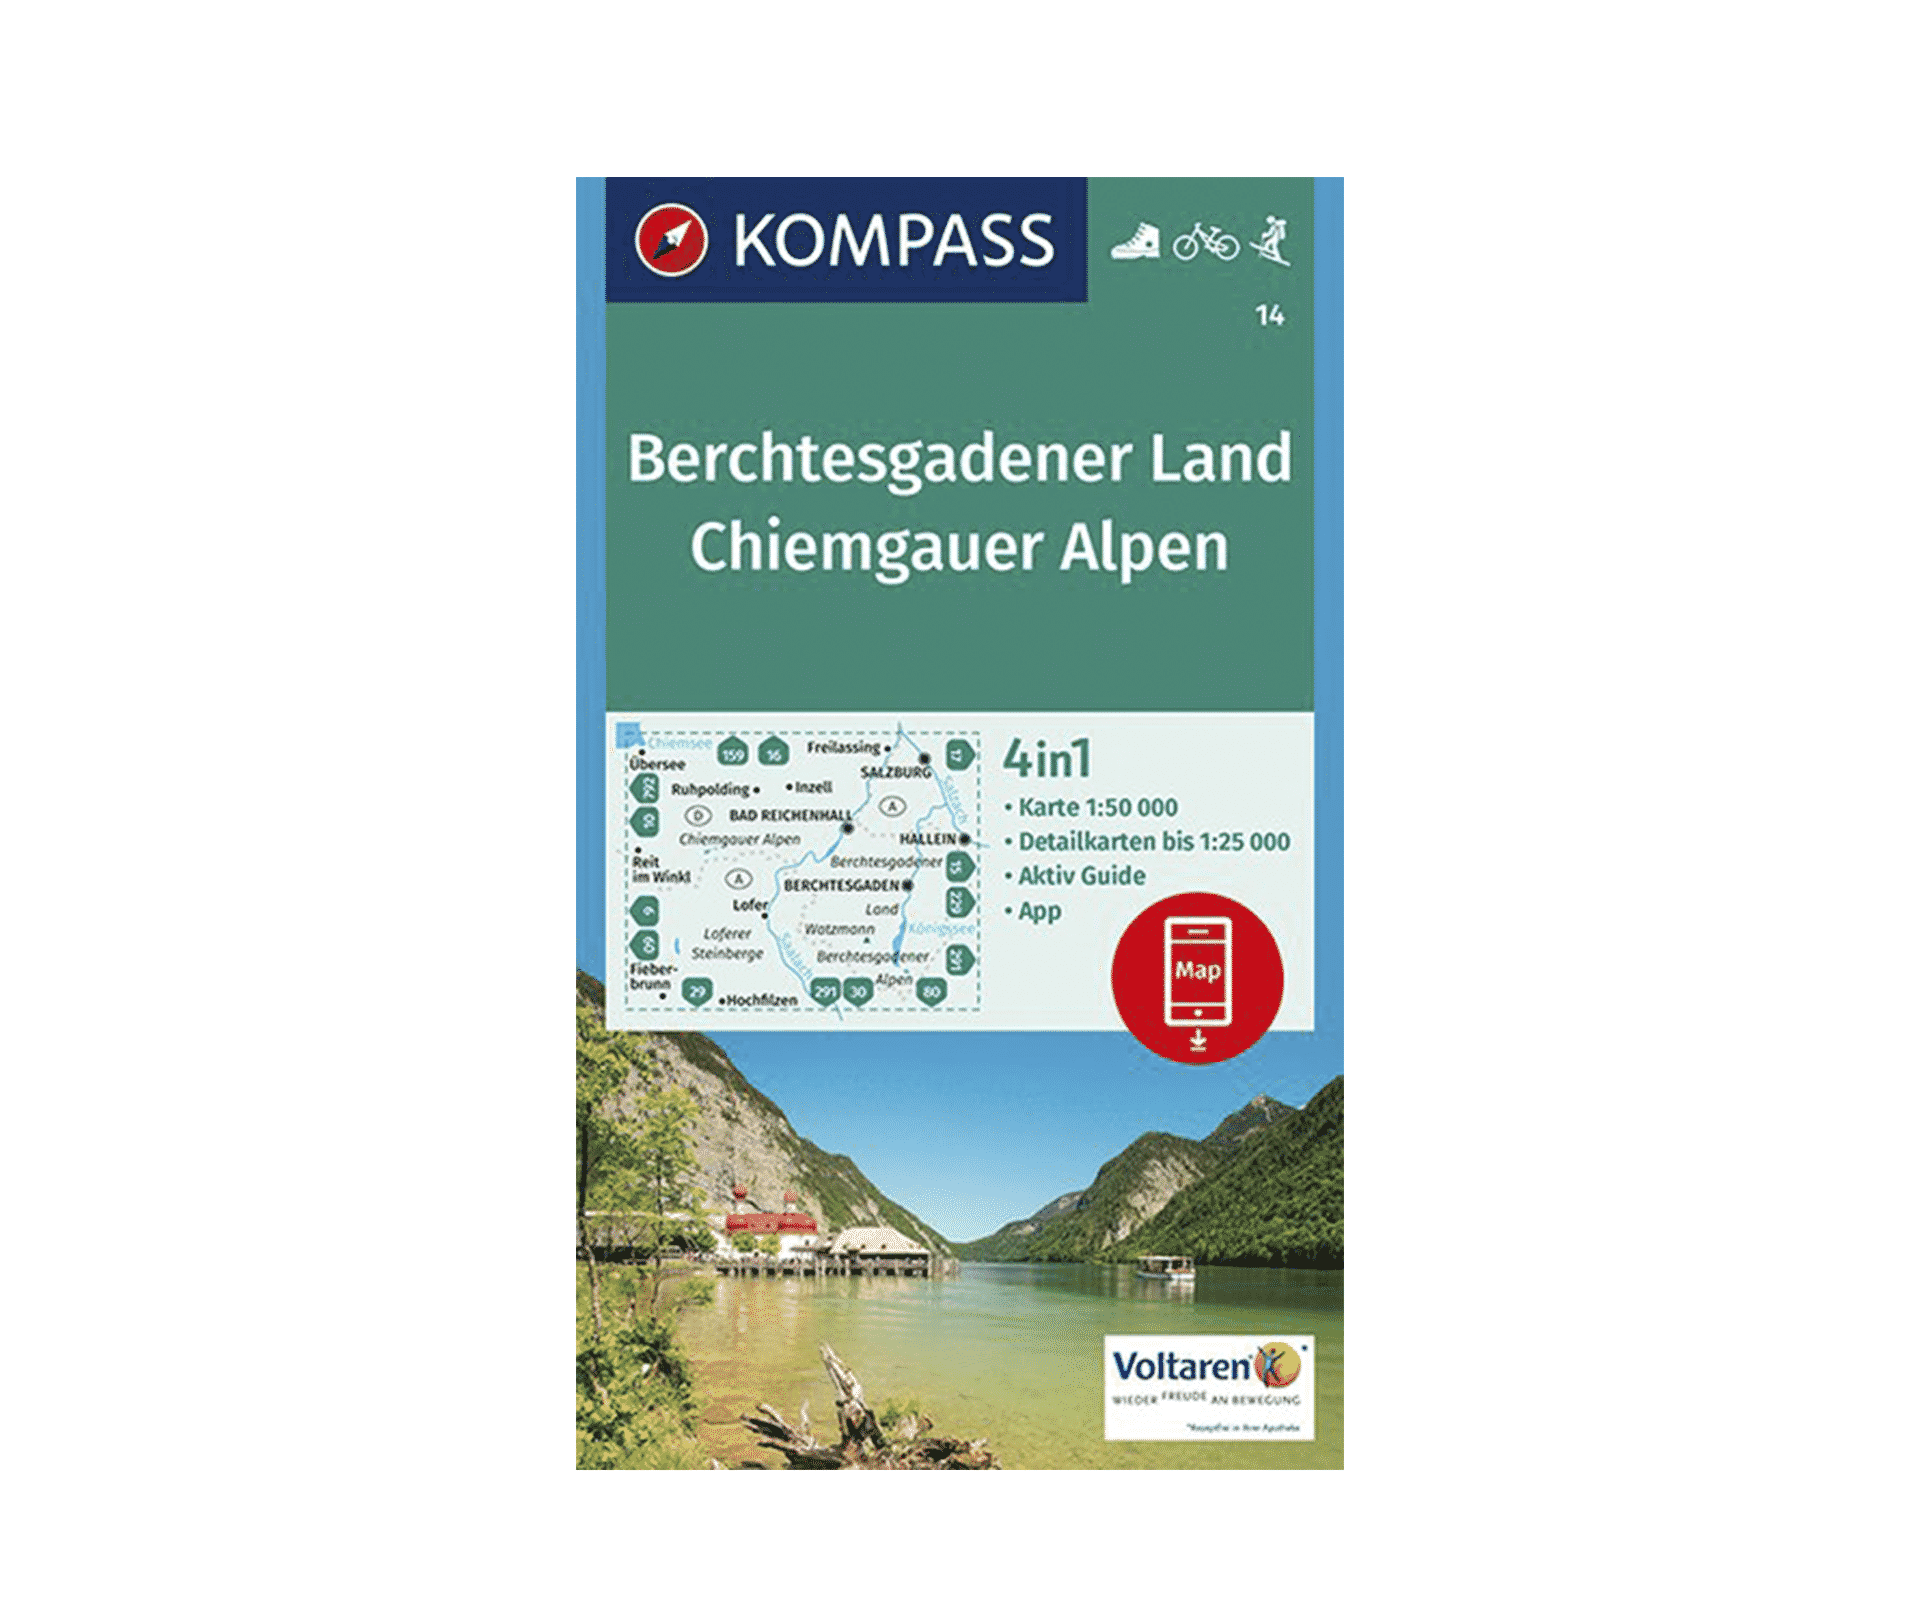 Berchtesgadener Land Karte.Berchtesgadener Land Chiemgauer Alpen Kompass 14